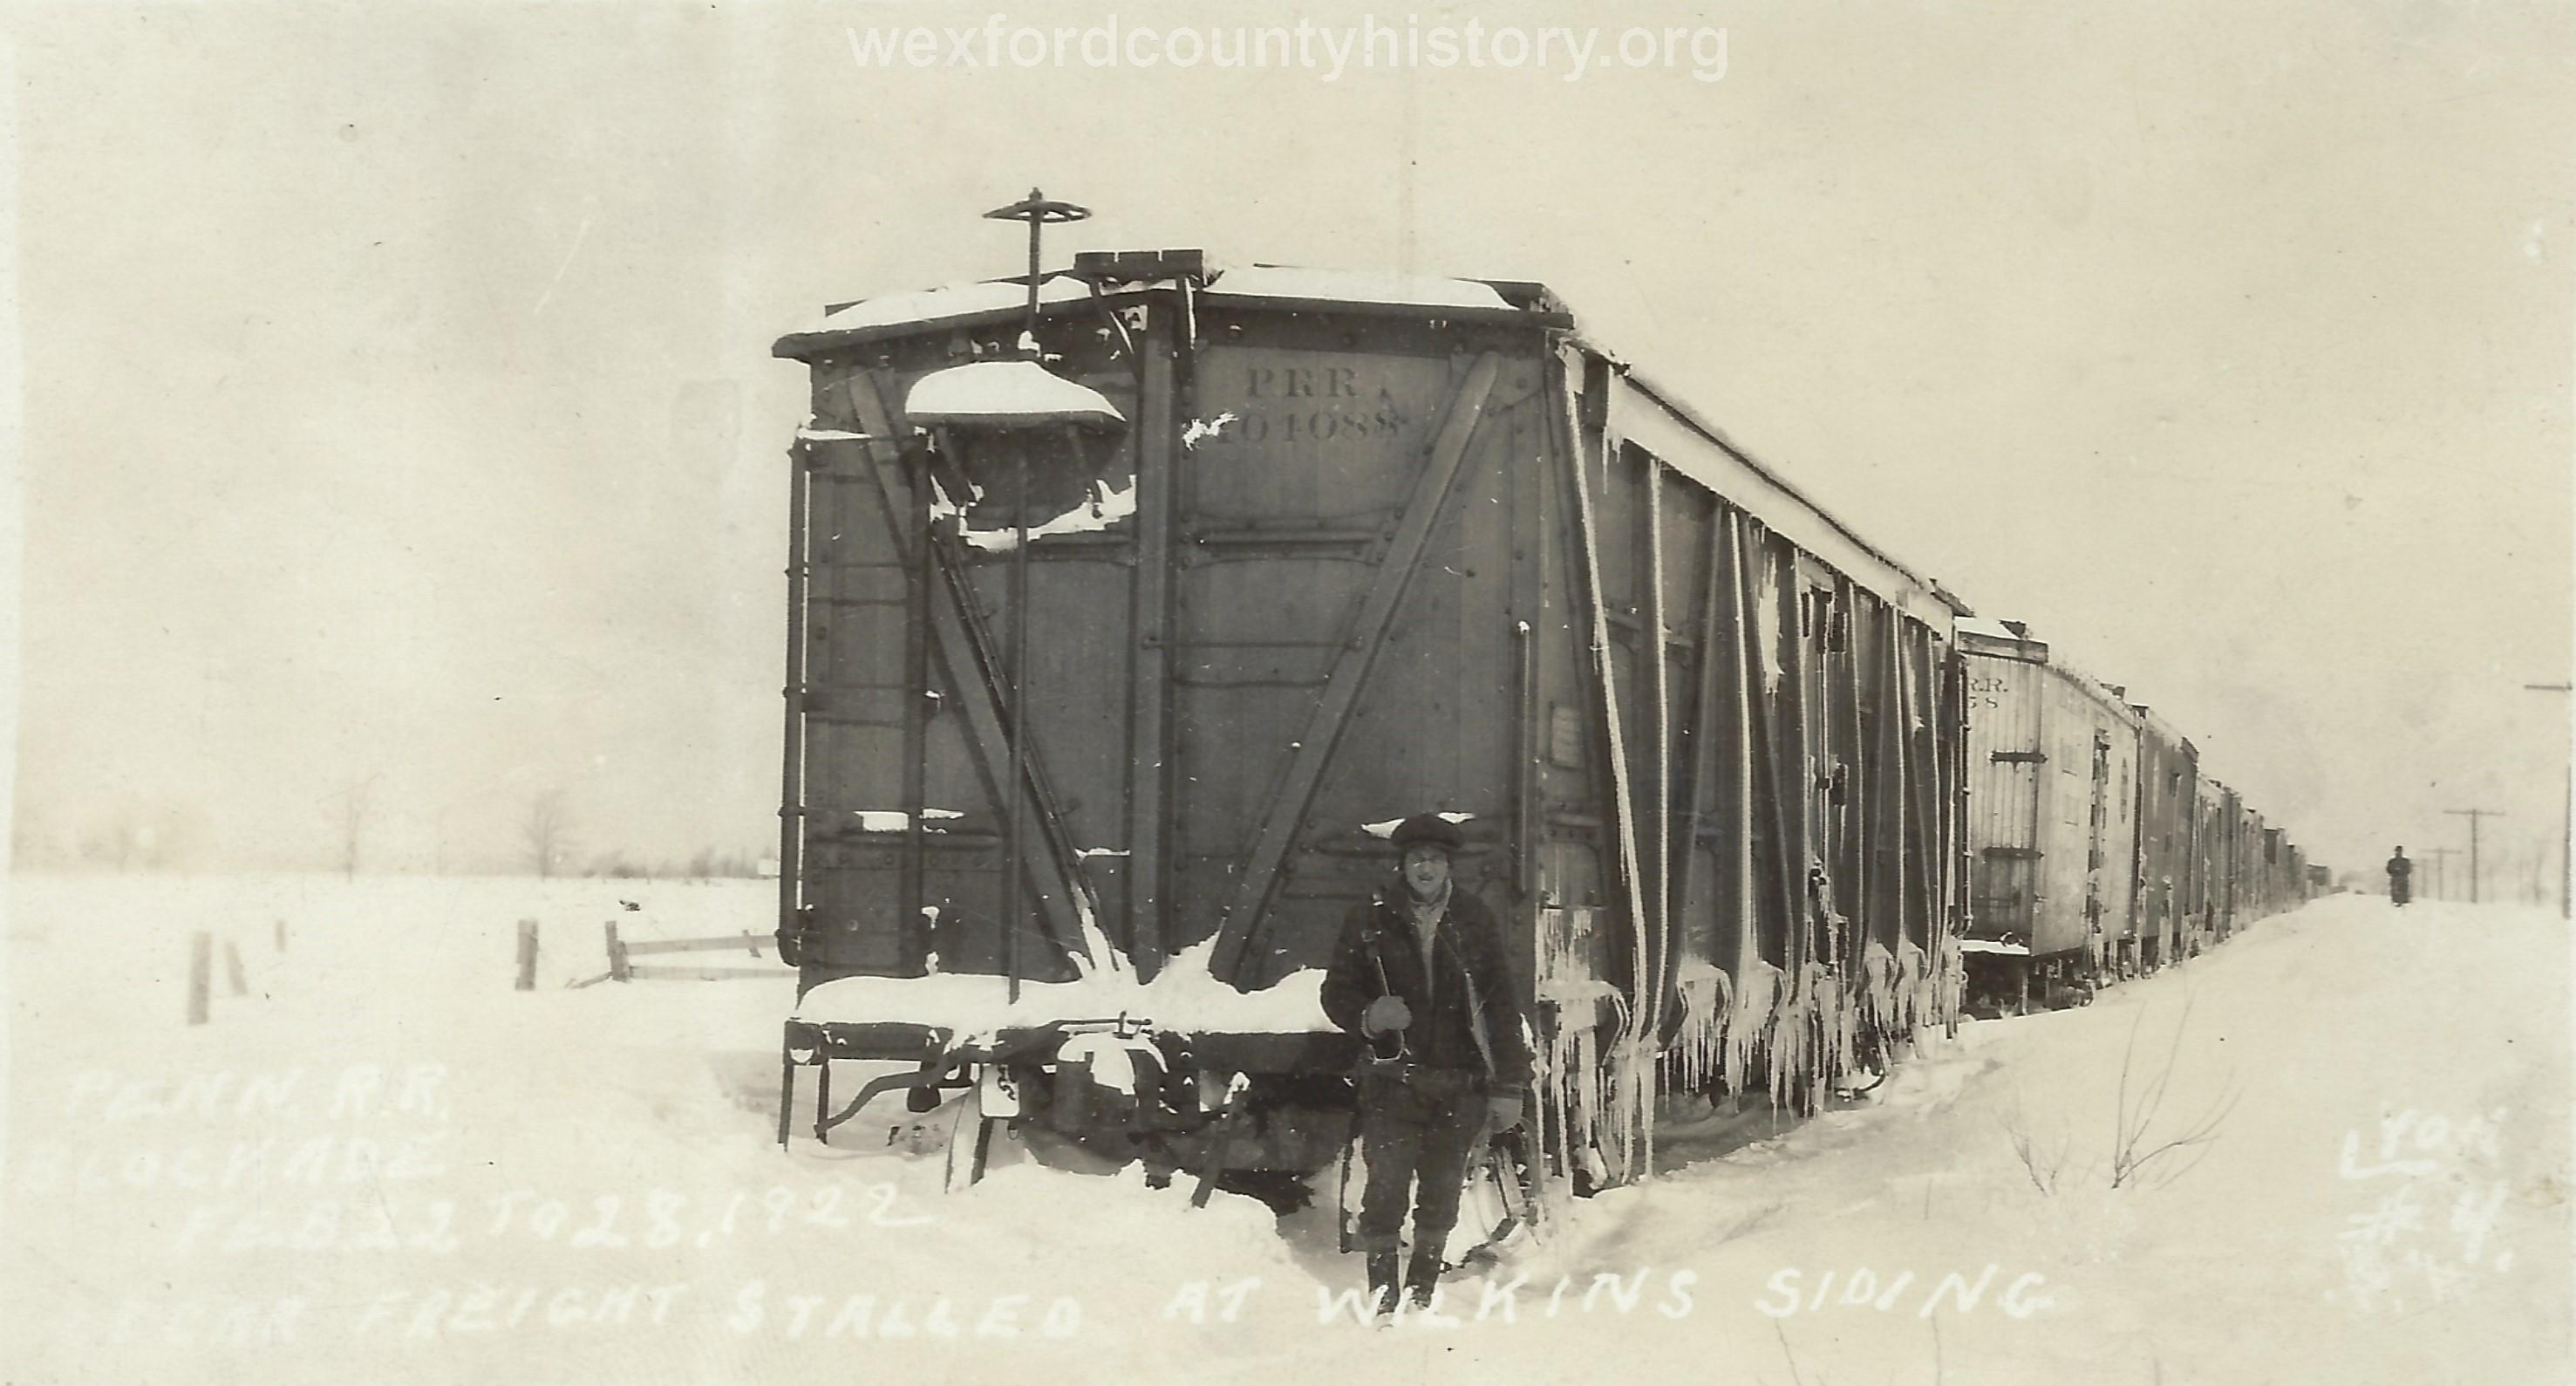 Cadillac-Railroad-Pennylvania-Railroad-In-The-Winter-3